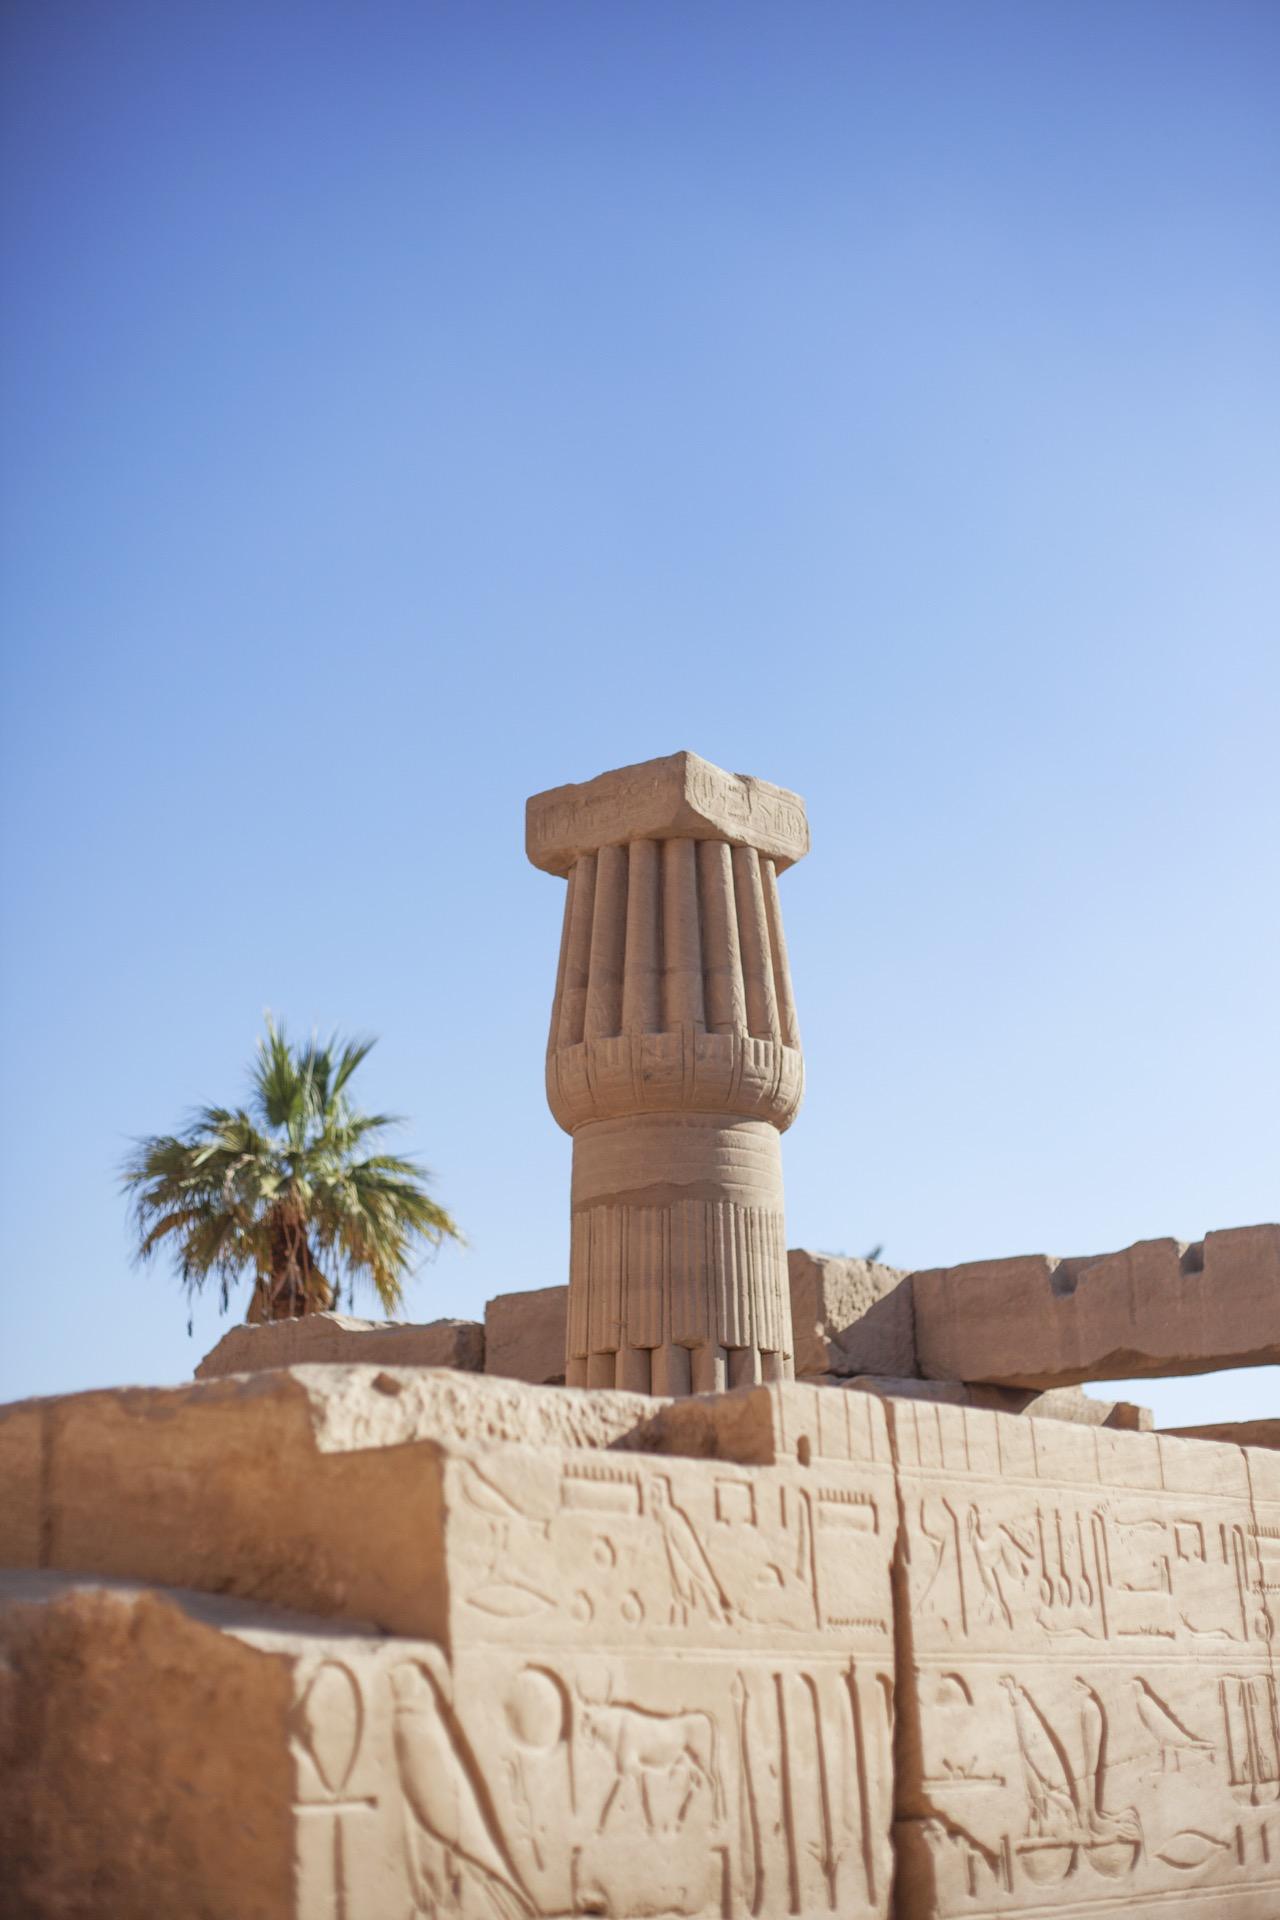 Egypt. 2020